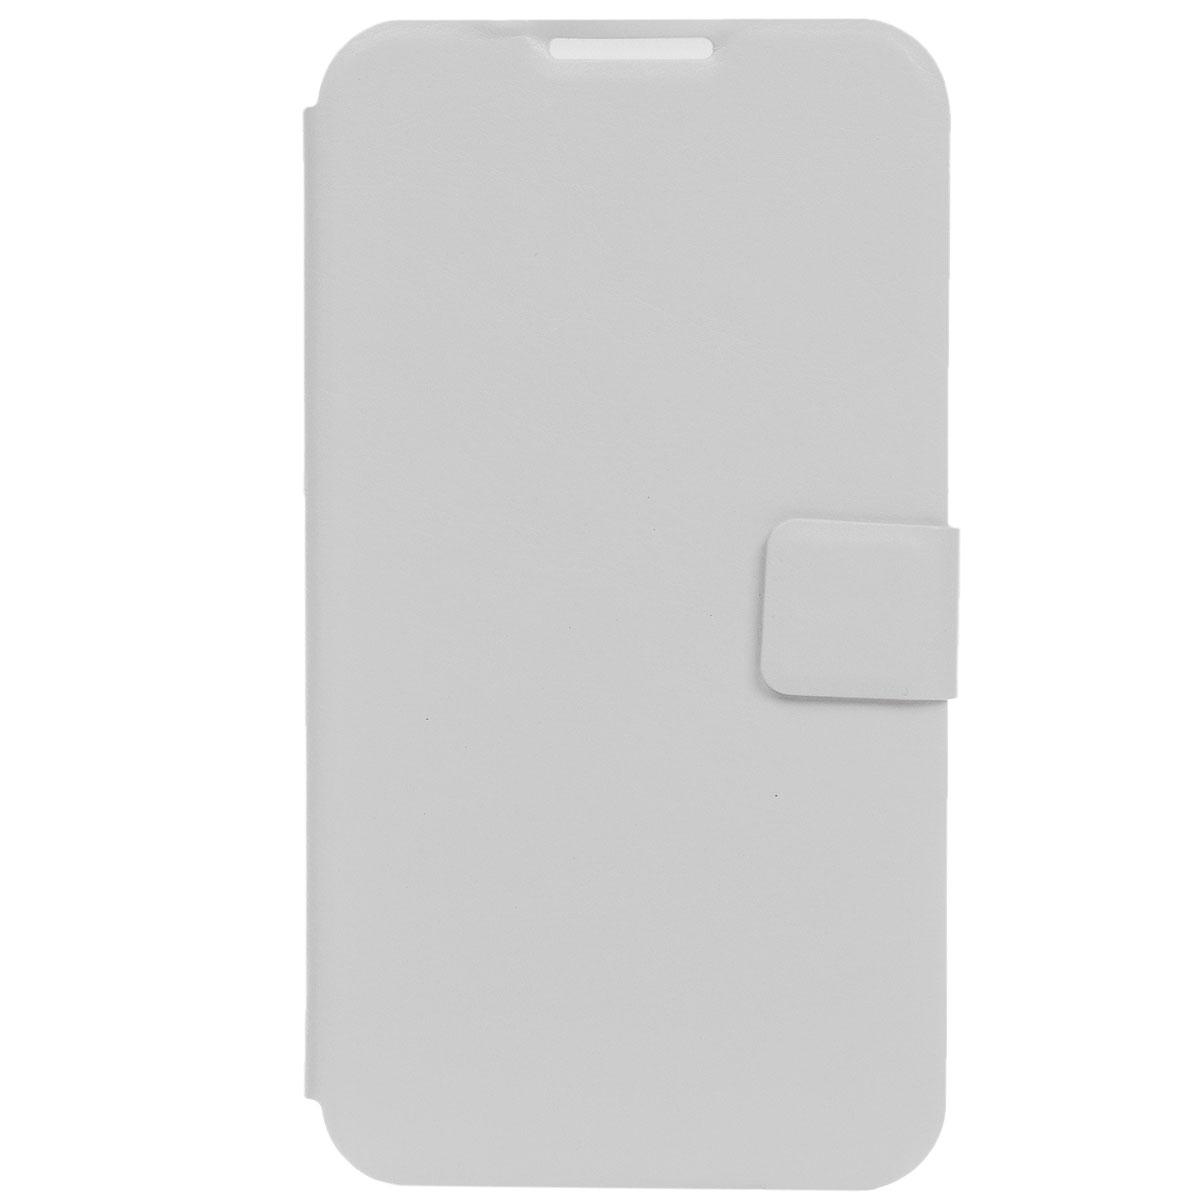 Ecostyle Shell универсальный чехол для телефонов с экраном 5.6-6, WhiteESH-B-UNI56-WHEcostyle Shell - универсальный чехол-книжка, который надежно защитит ваш телефон от механических повреждений, грязи и пыли. Конструкция чехла обеспечивает свободный доступ к разъемам, камере и основным функциям смартфона. Мягкая внутренняя поверхность защищает экран устройства от царапин.